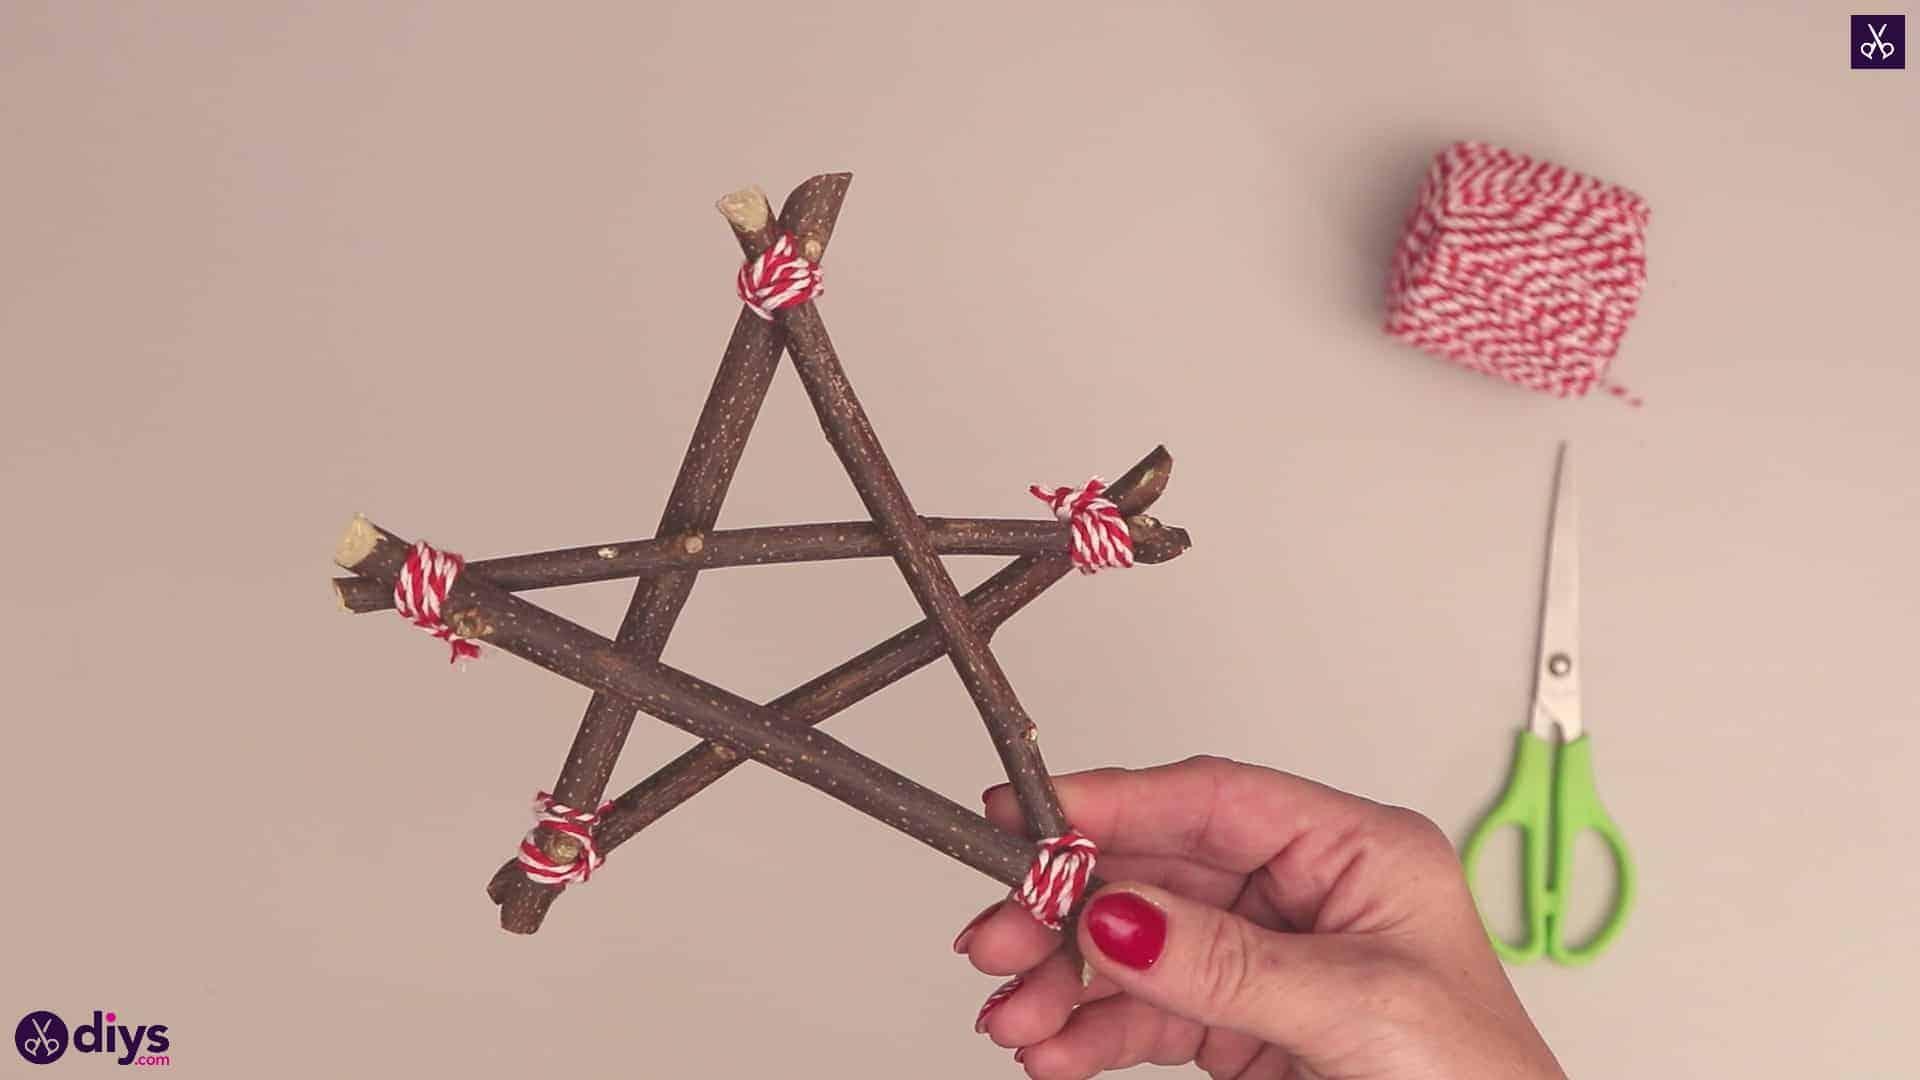 Diy twig star craft